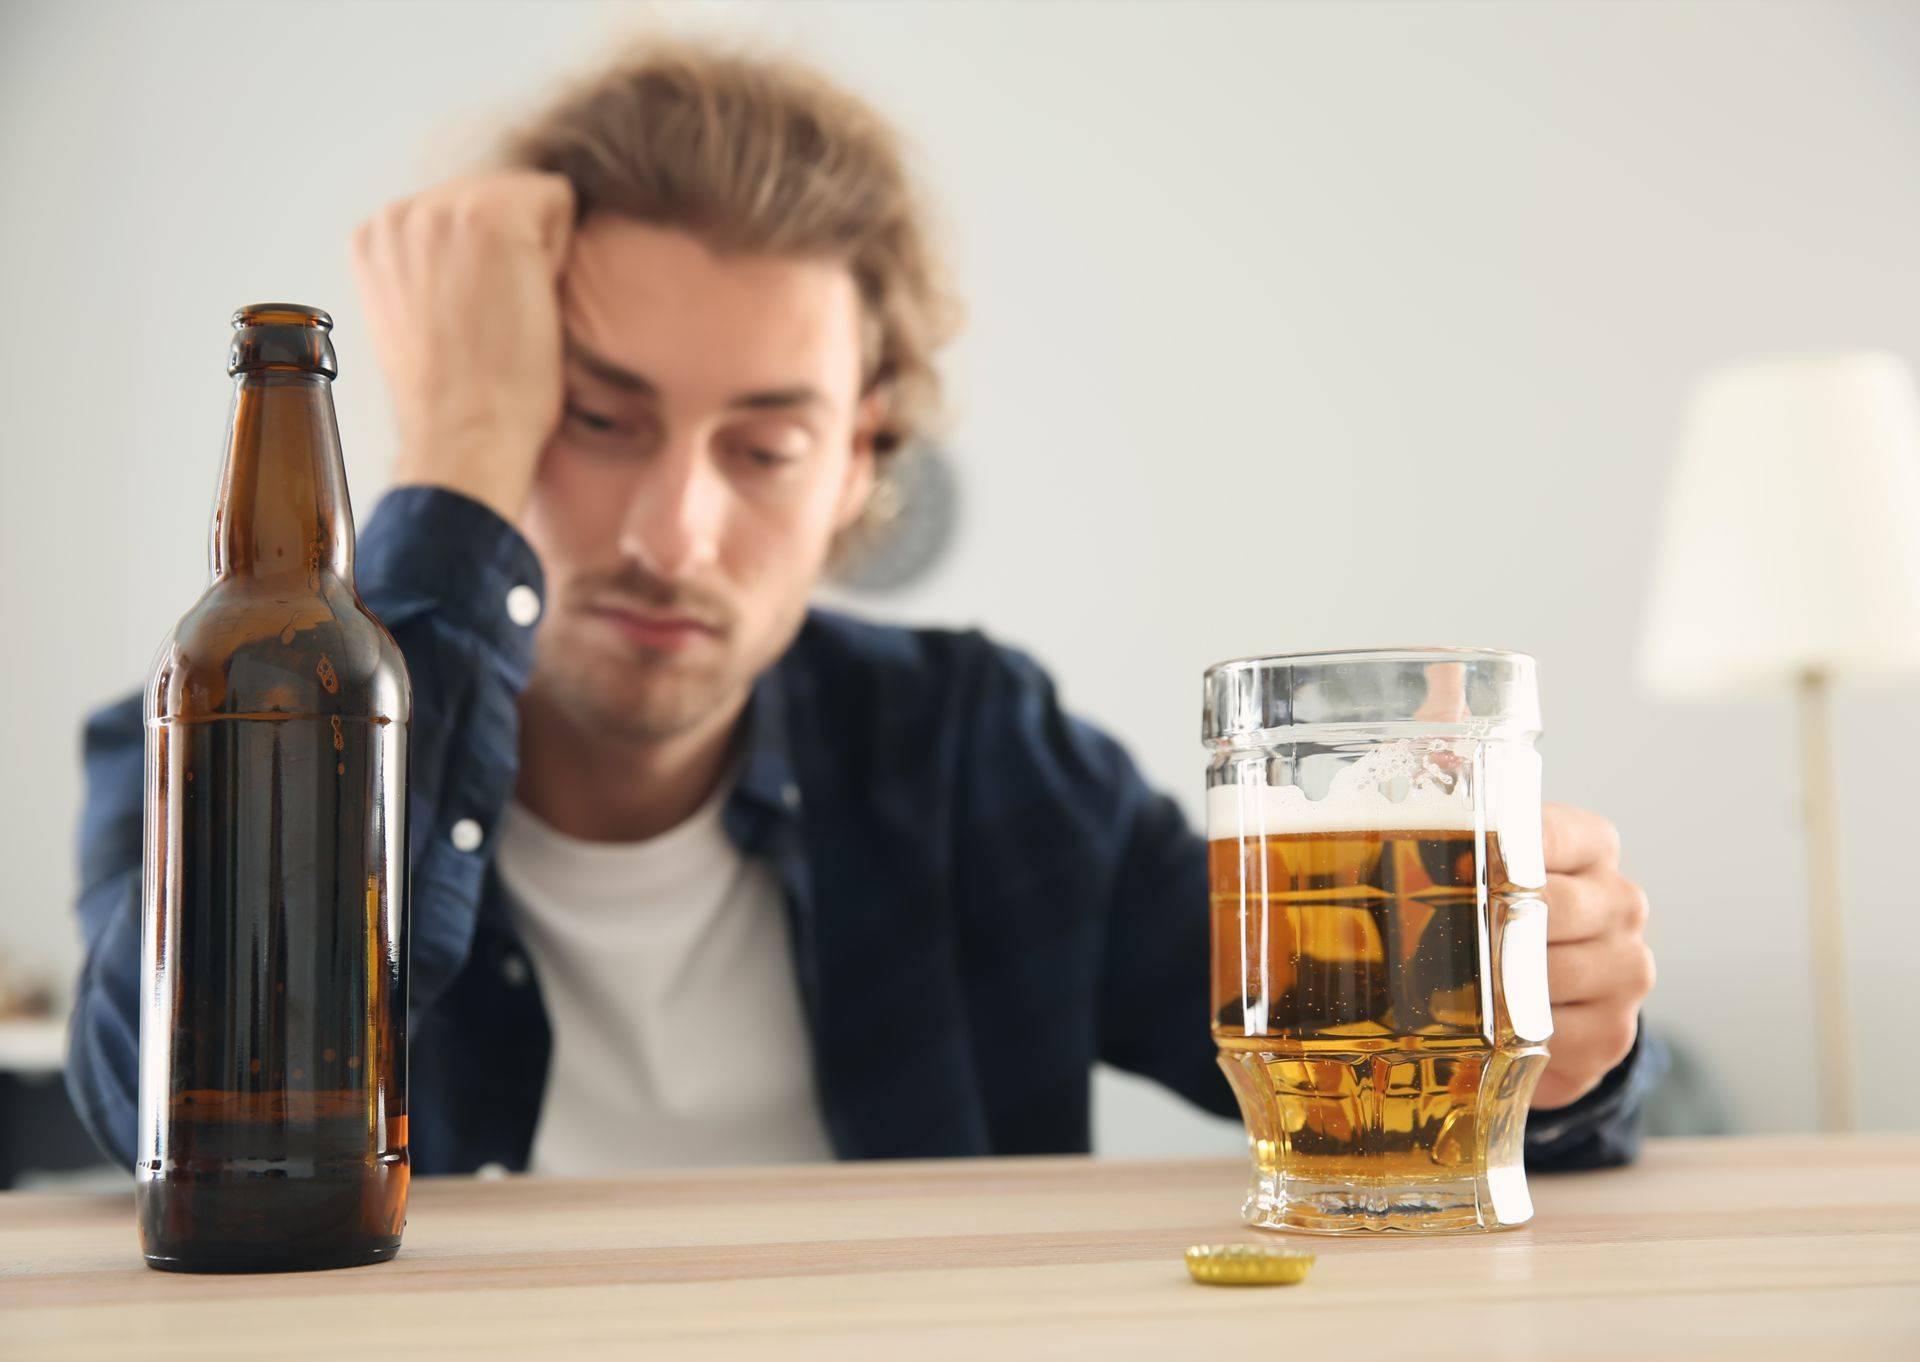 Как влияет алкоголь на нервную систему человека